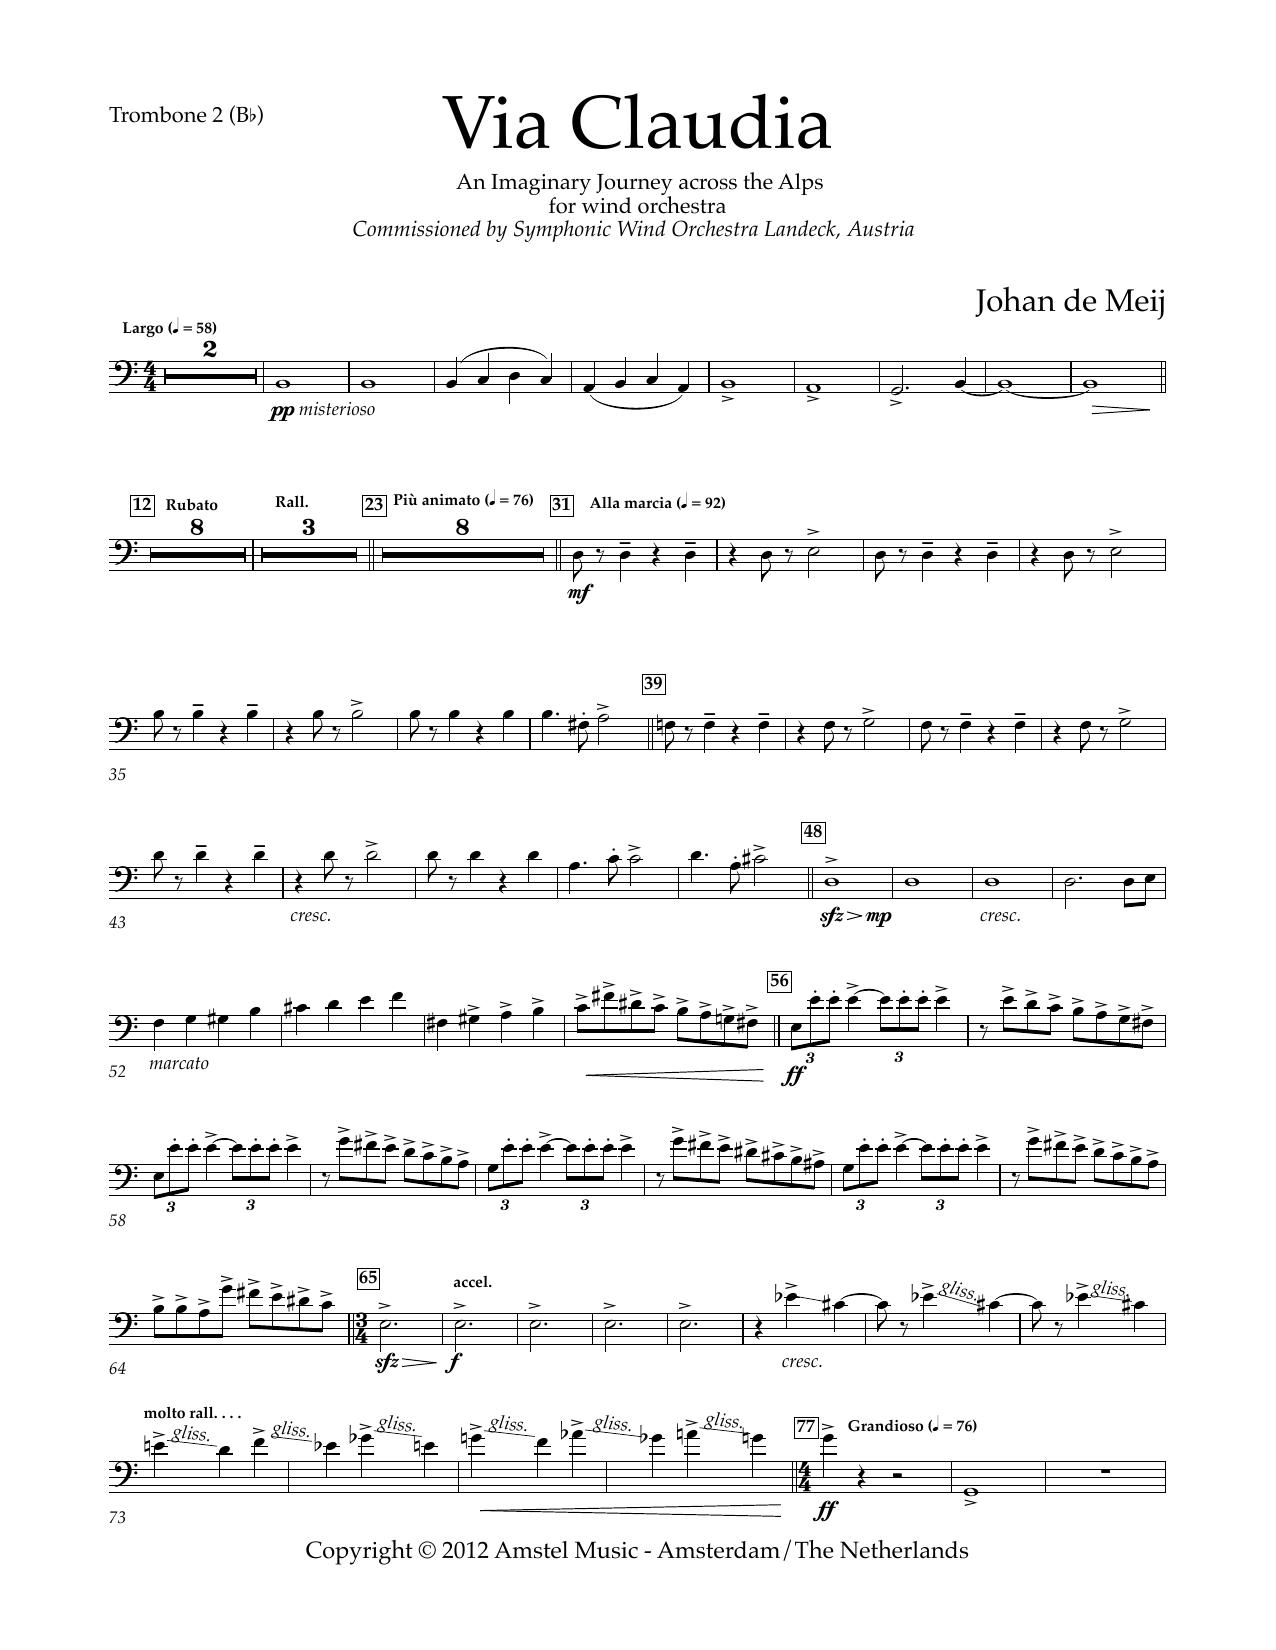 Via Claudia - Bb Trombone 2 B.C.